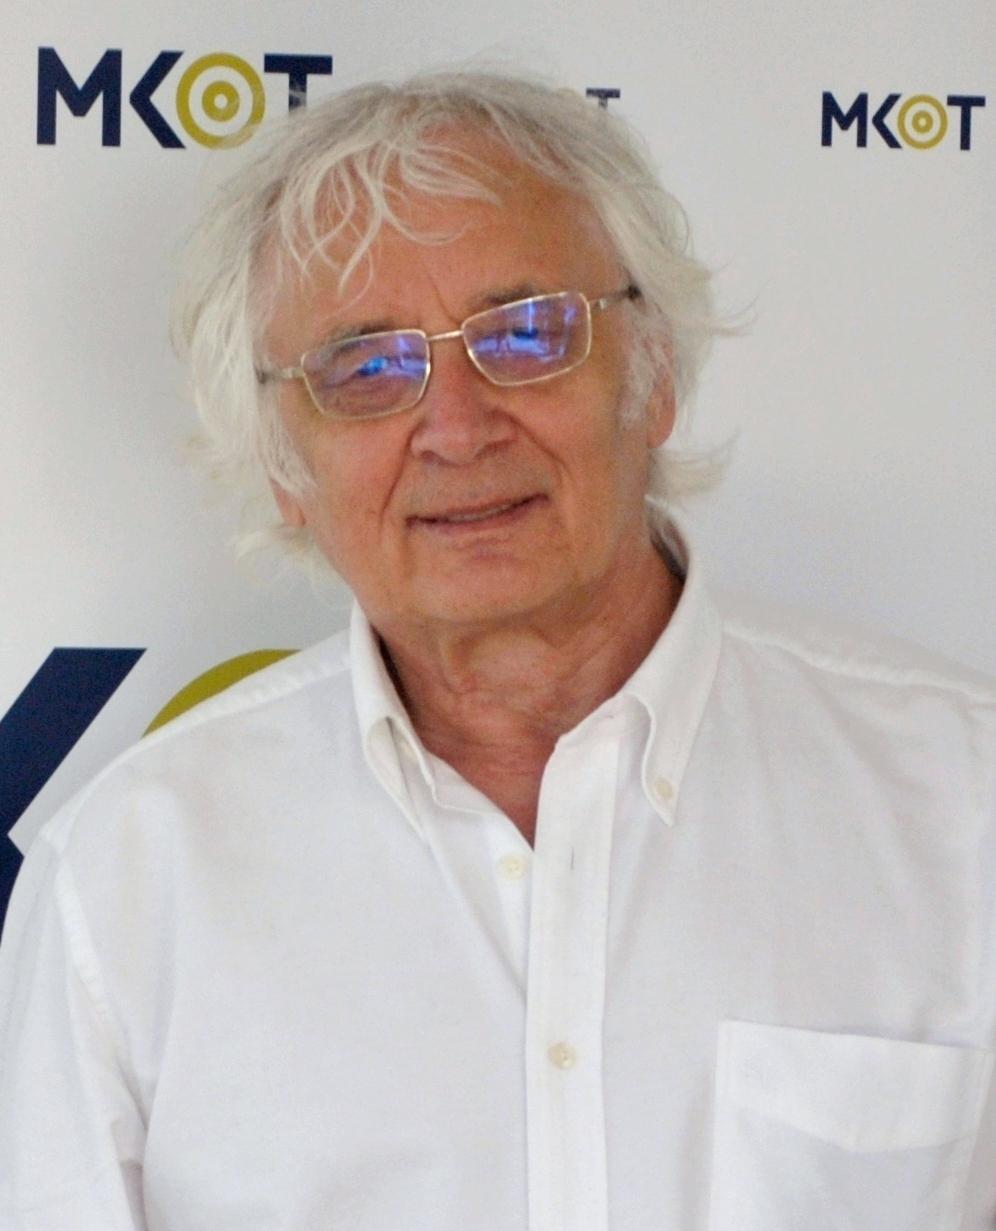 Prof. Dr. Kopper László - Fotó: B. Papp László - Magyar Klinikai Onkológiai Társaság